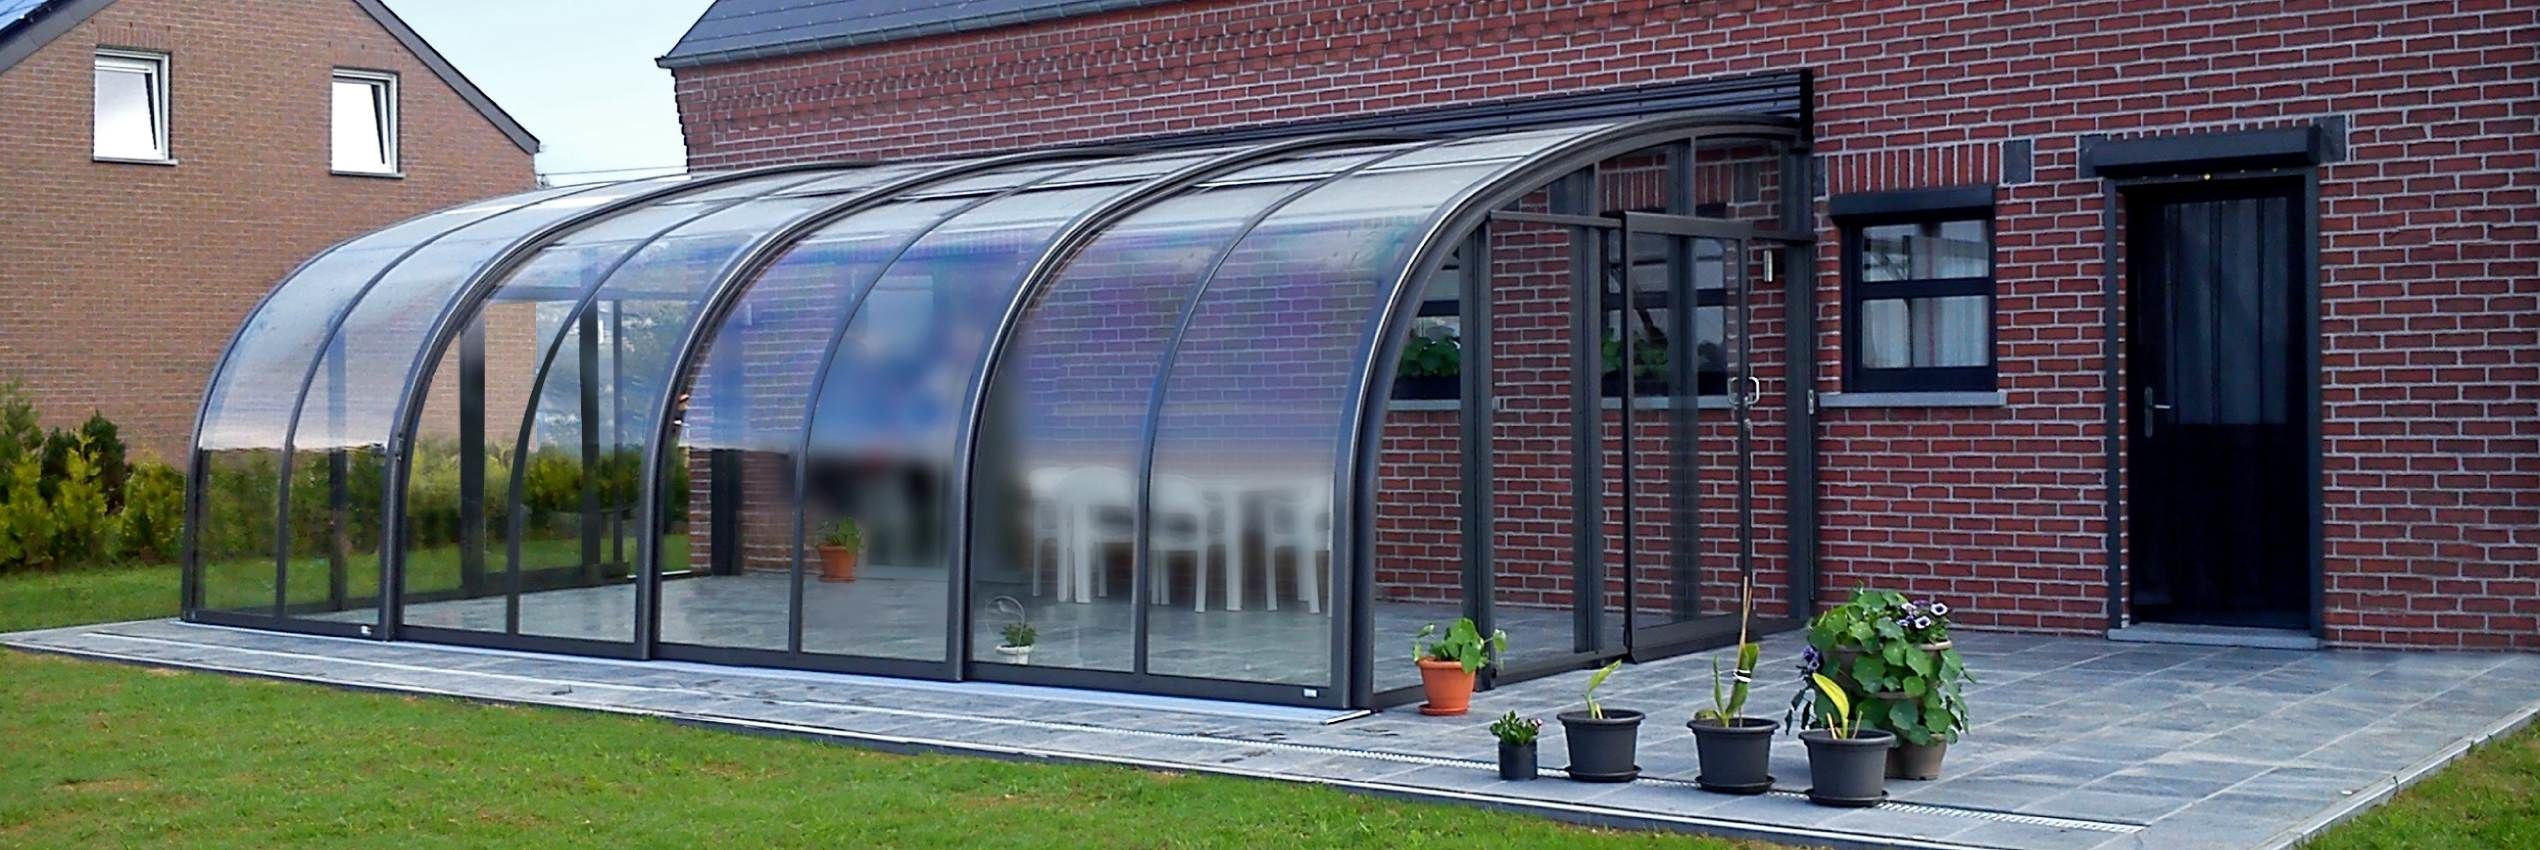 retractable-patio-enclosure-corso-entry1